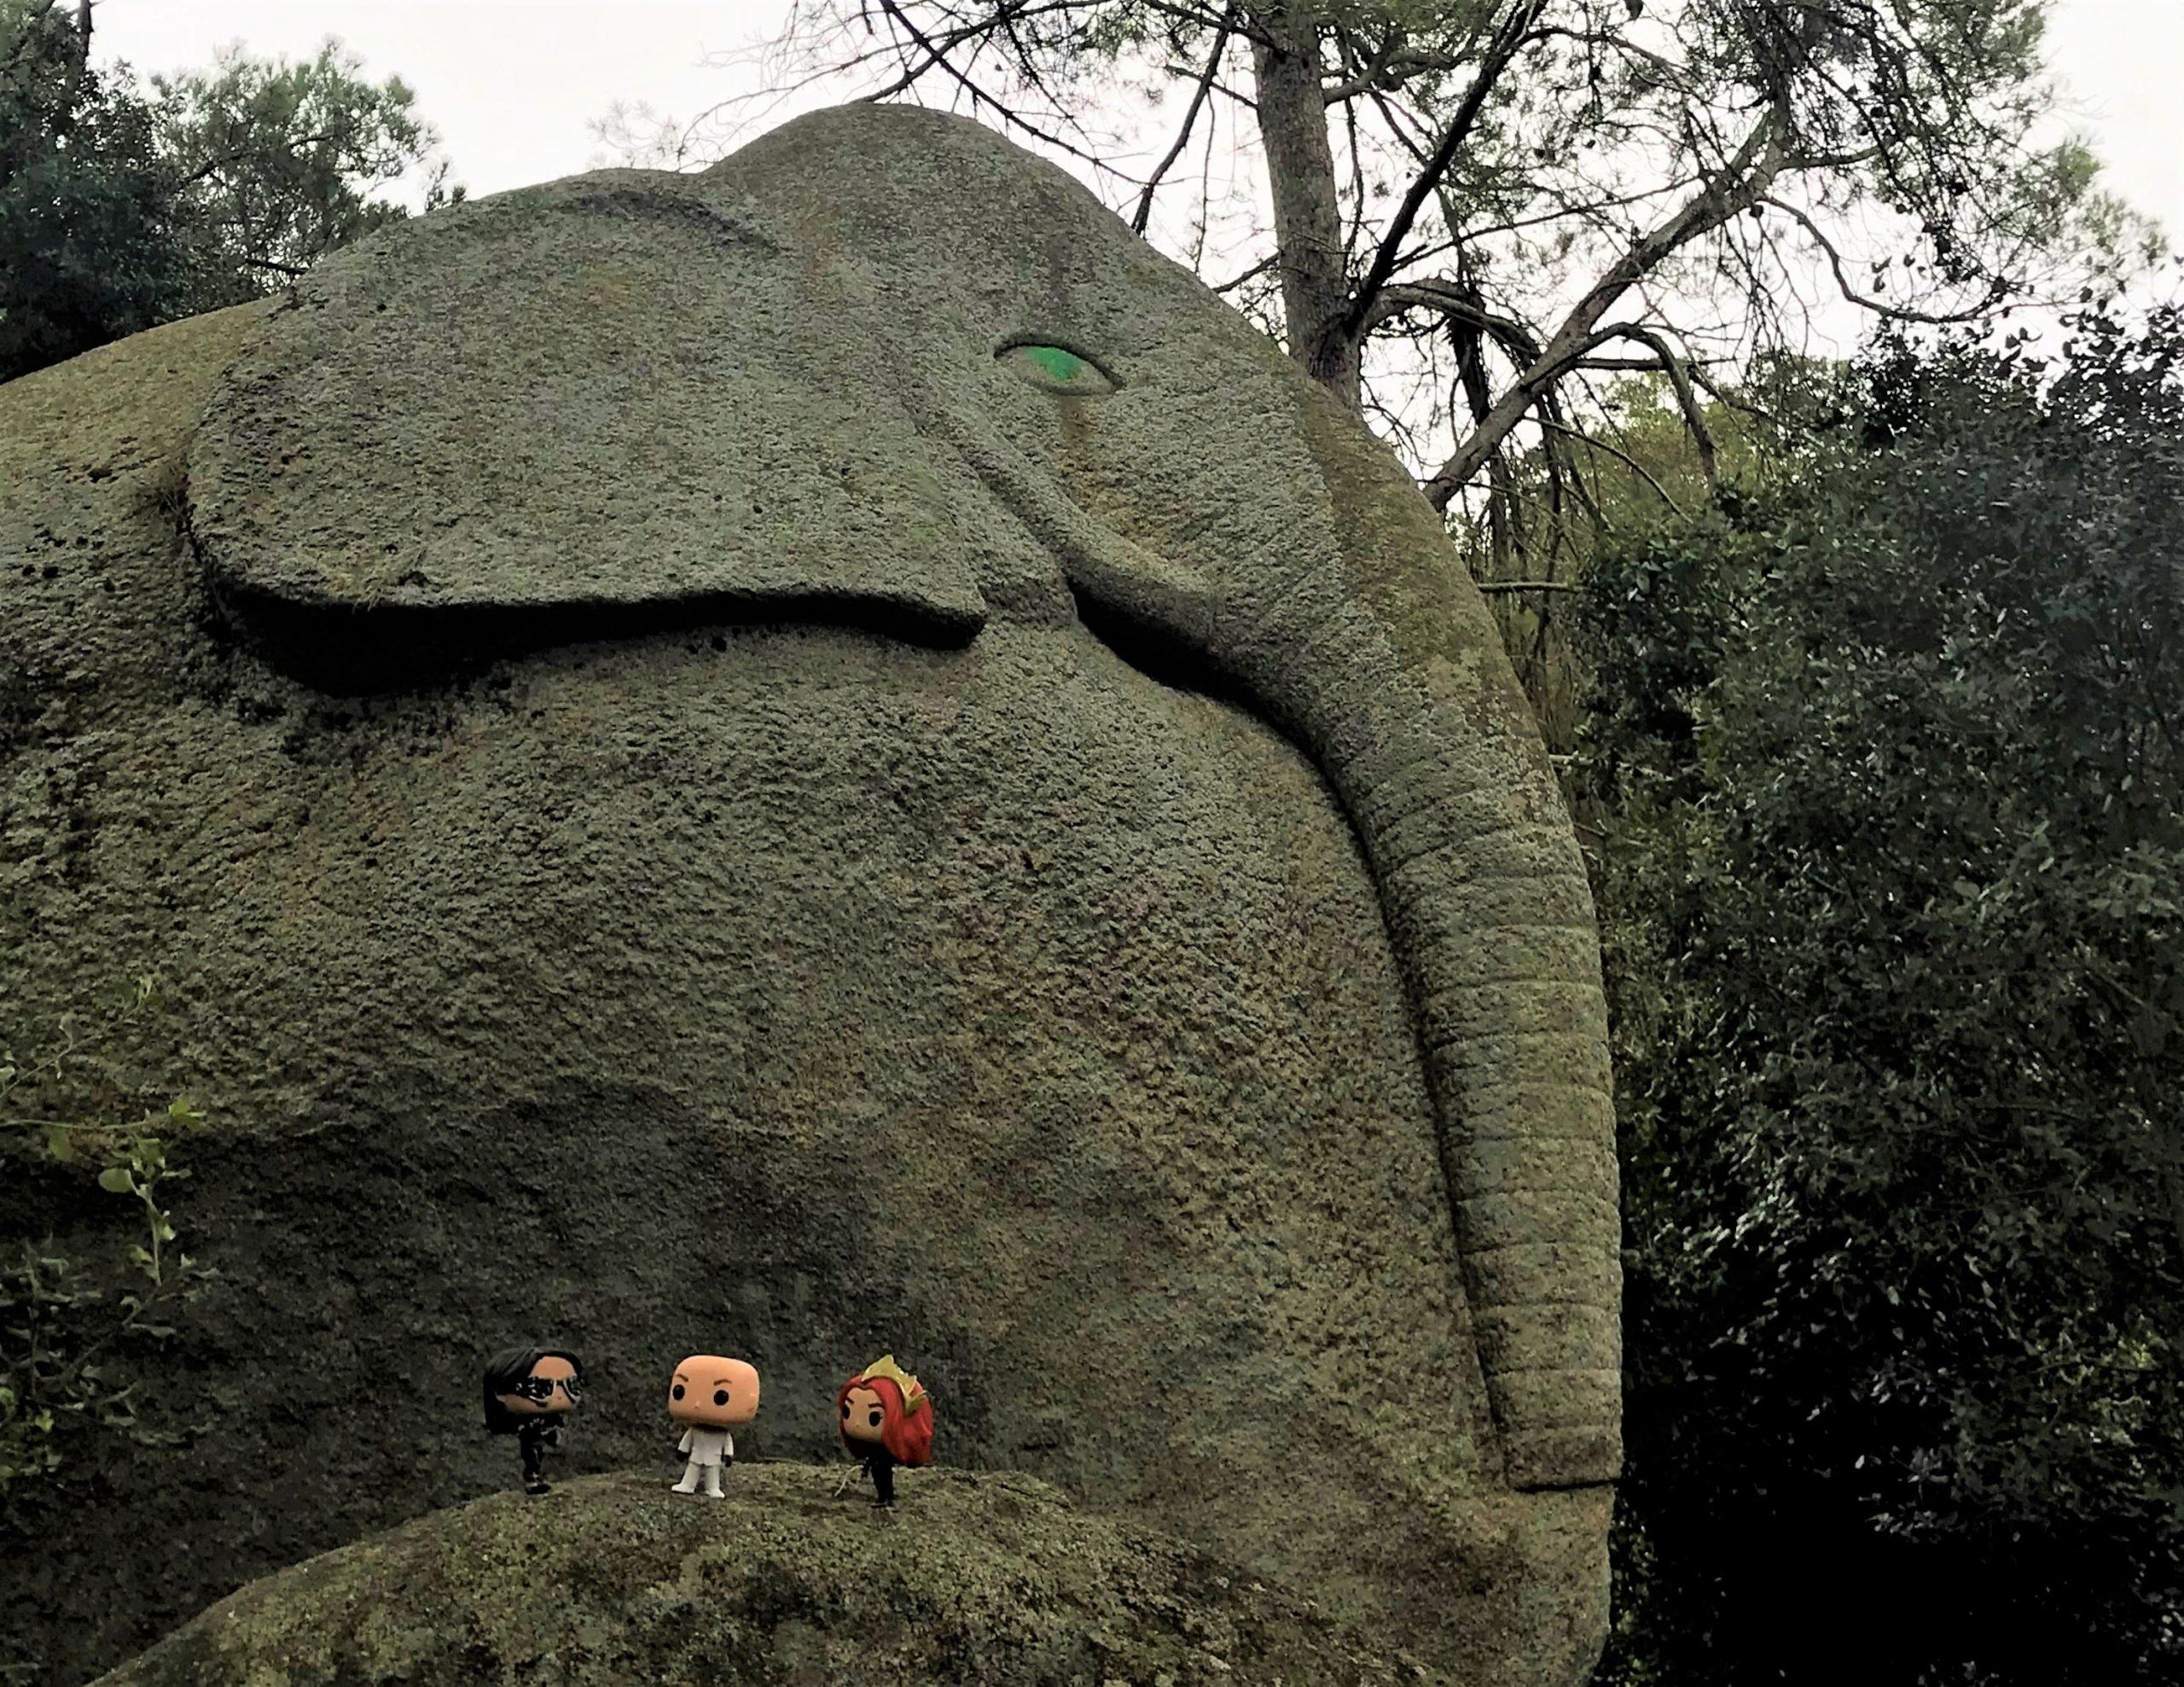 elephant bosque encantado orrius barcelone